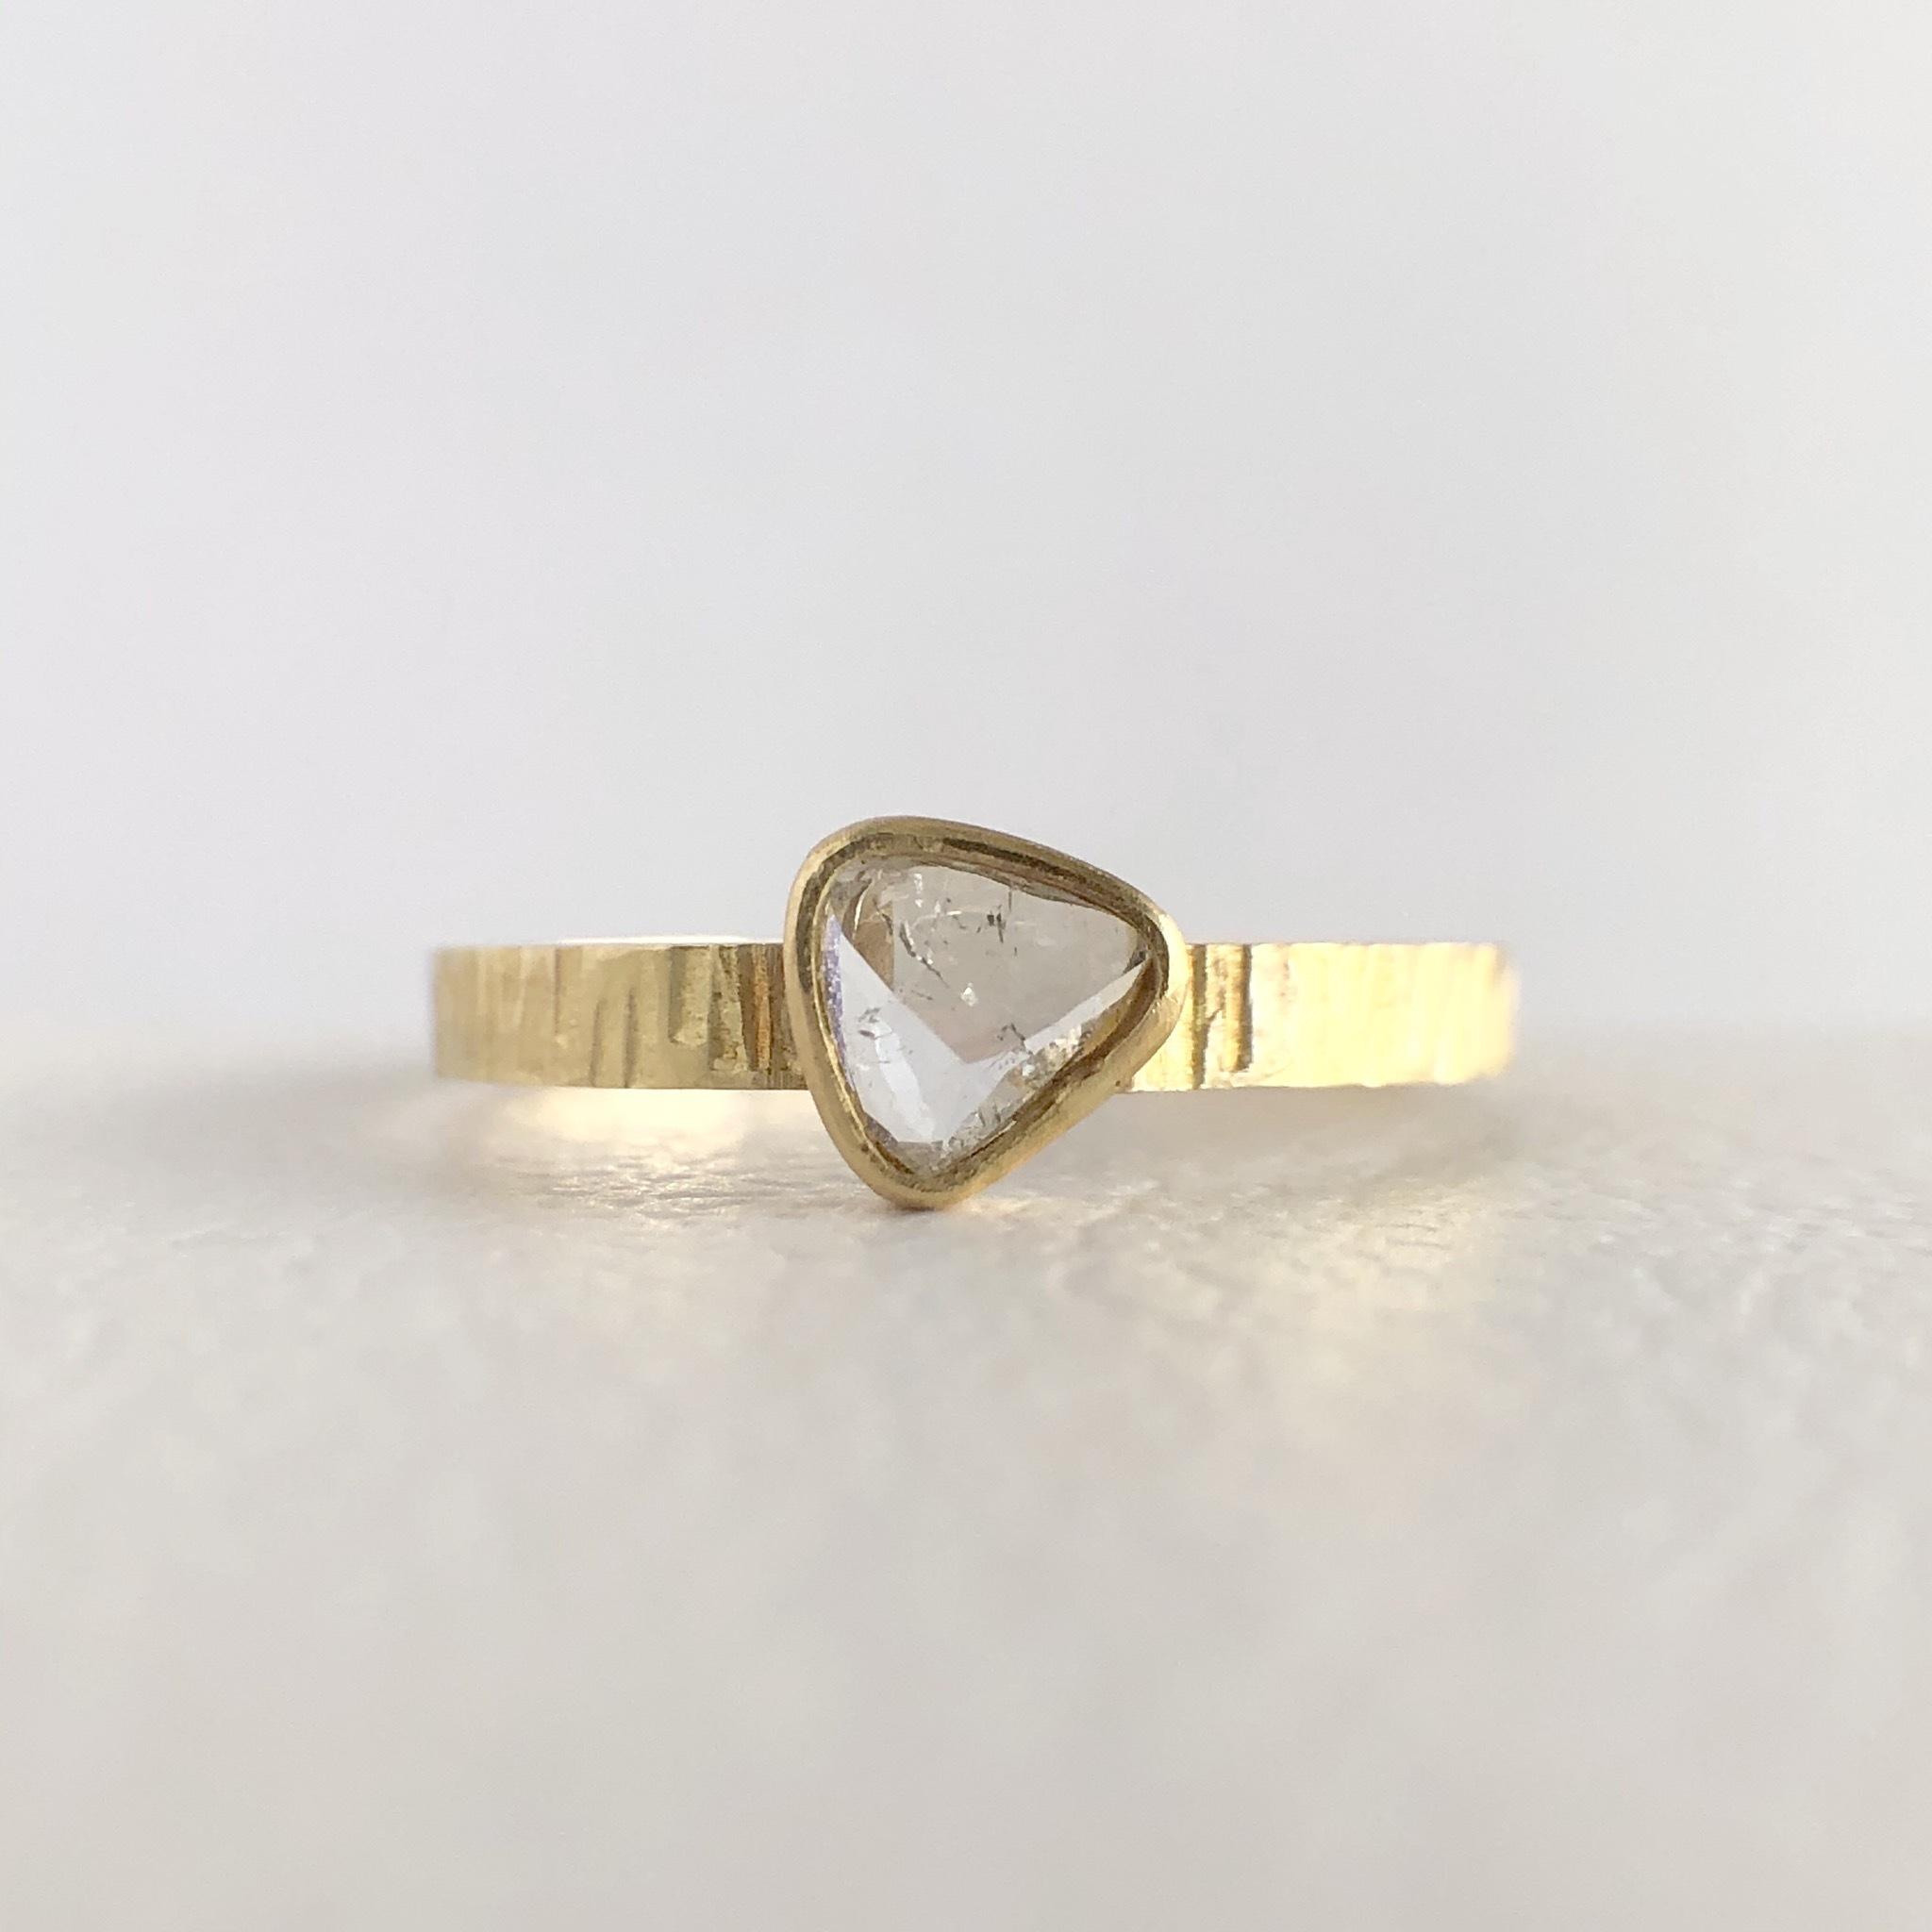 ナチュラルダイヤモンドリング 0.250ct K18イエローゴールド チェカ 鑑別書付